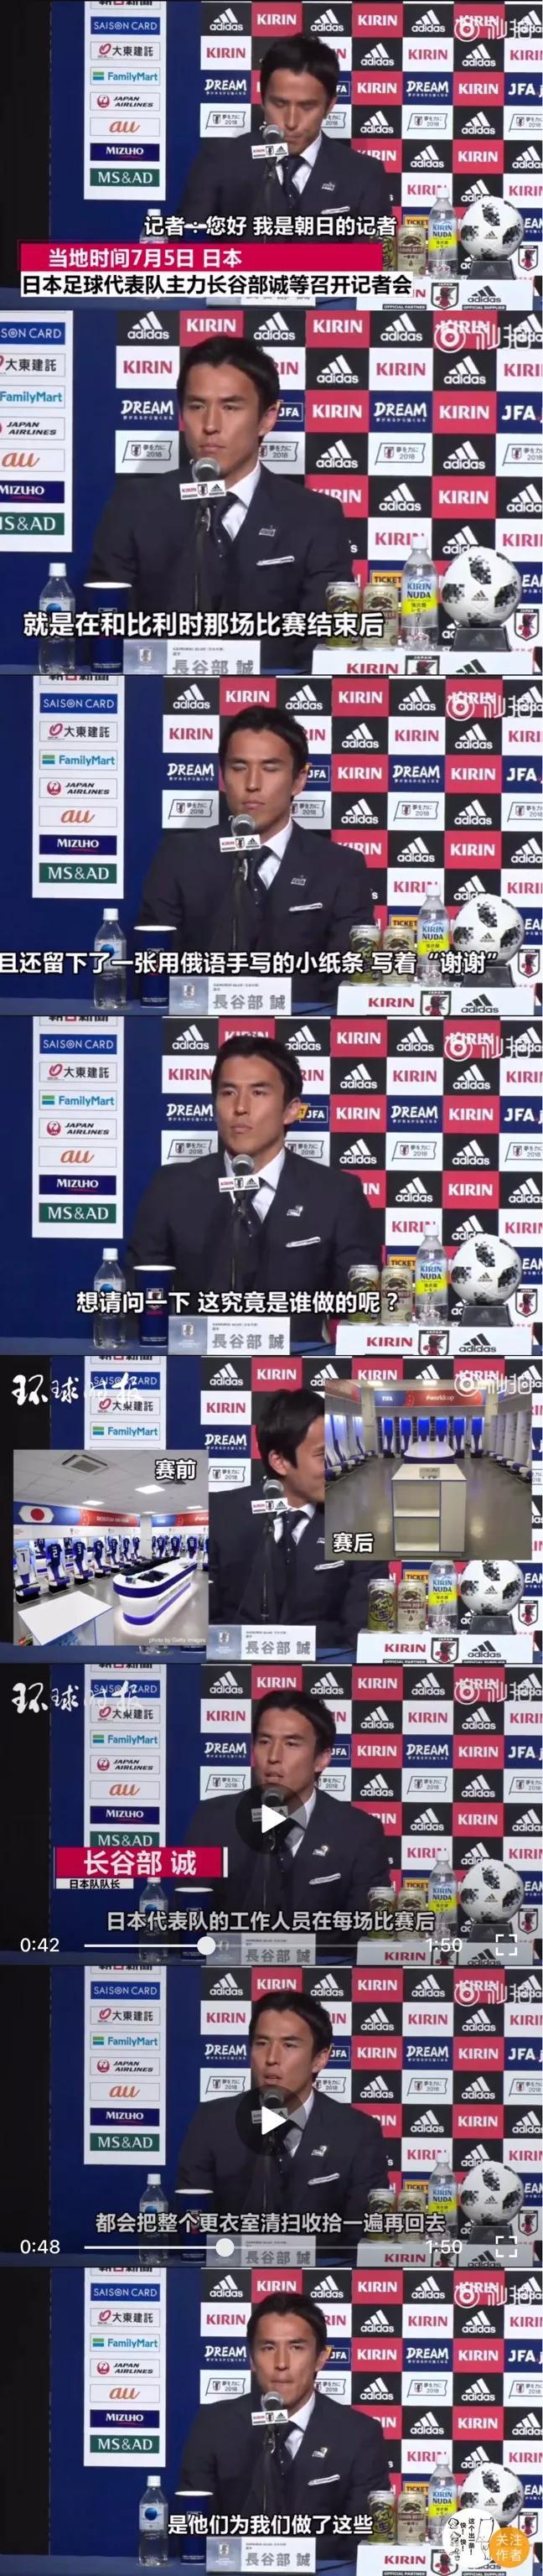 破案了!日本队队长公布清扫更衣室真相:不是球员做的